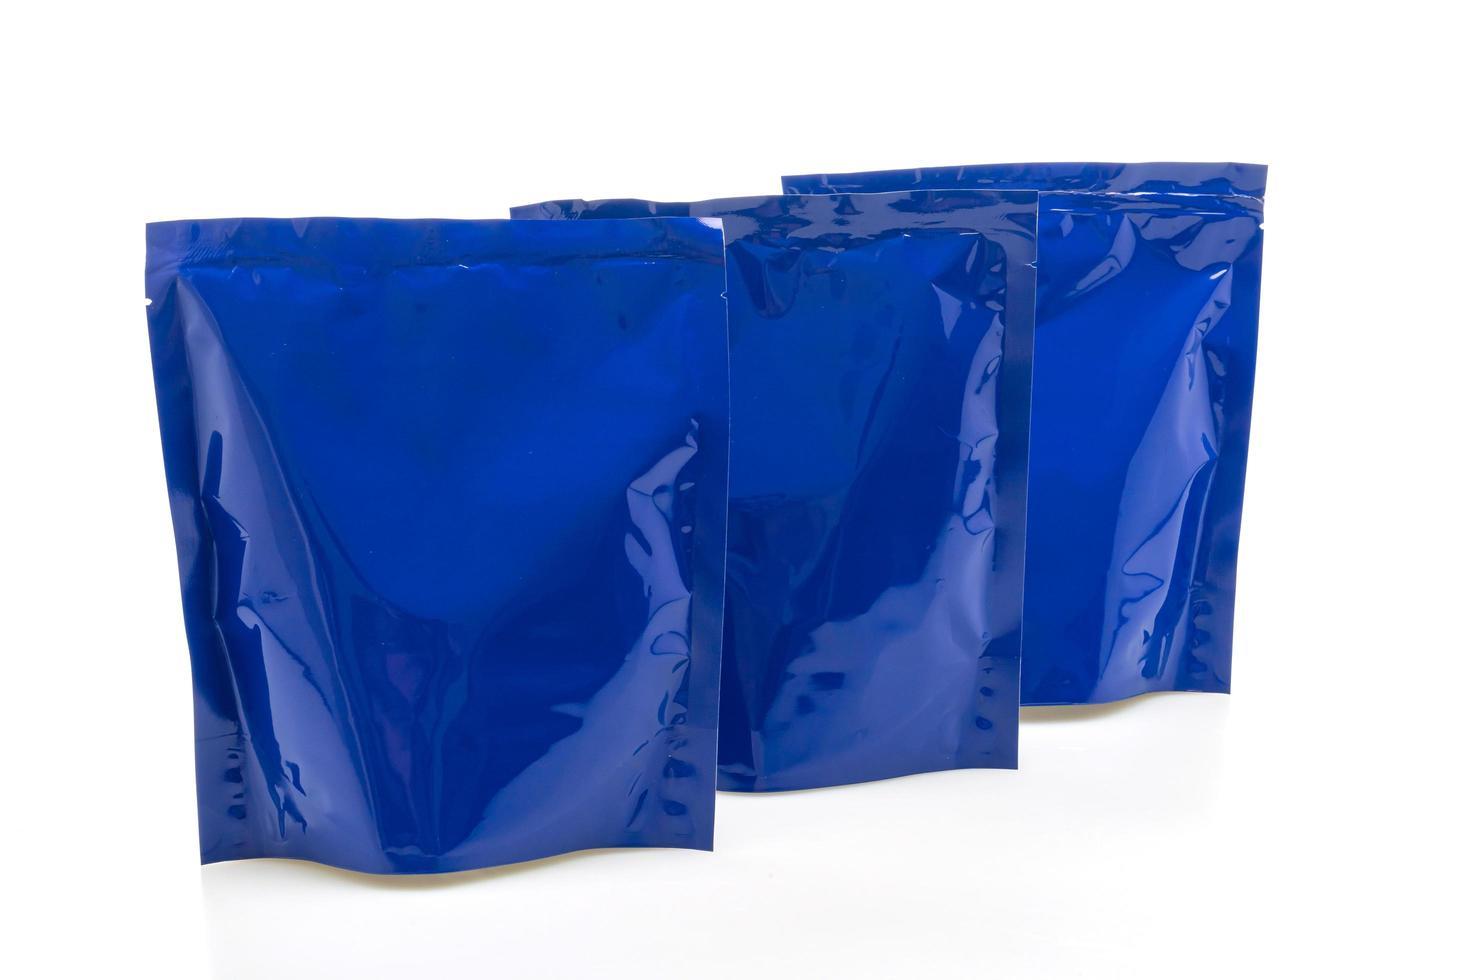 blaue Plastiktüte für die Verpackung isoliert auf weißem Hintergrund foto